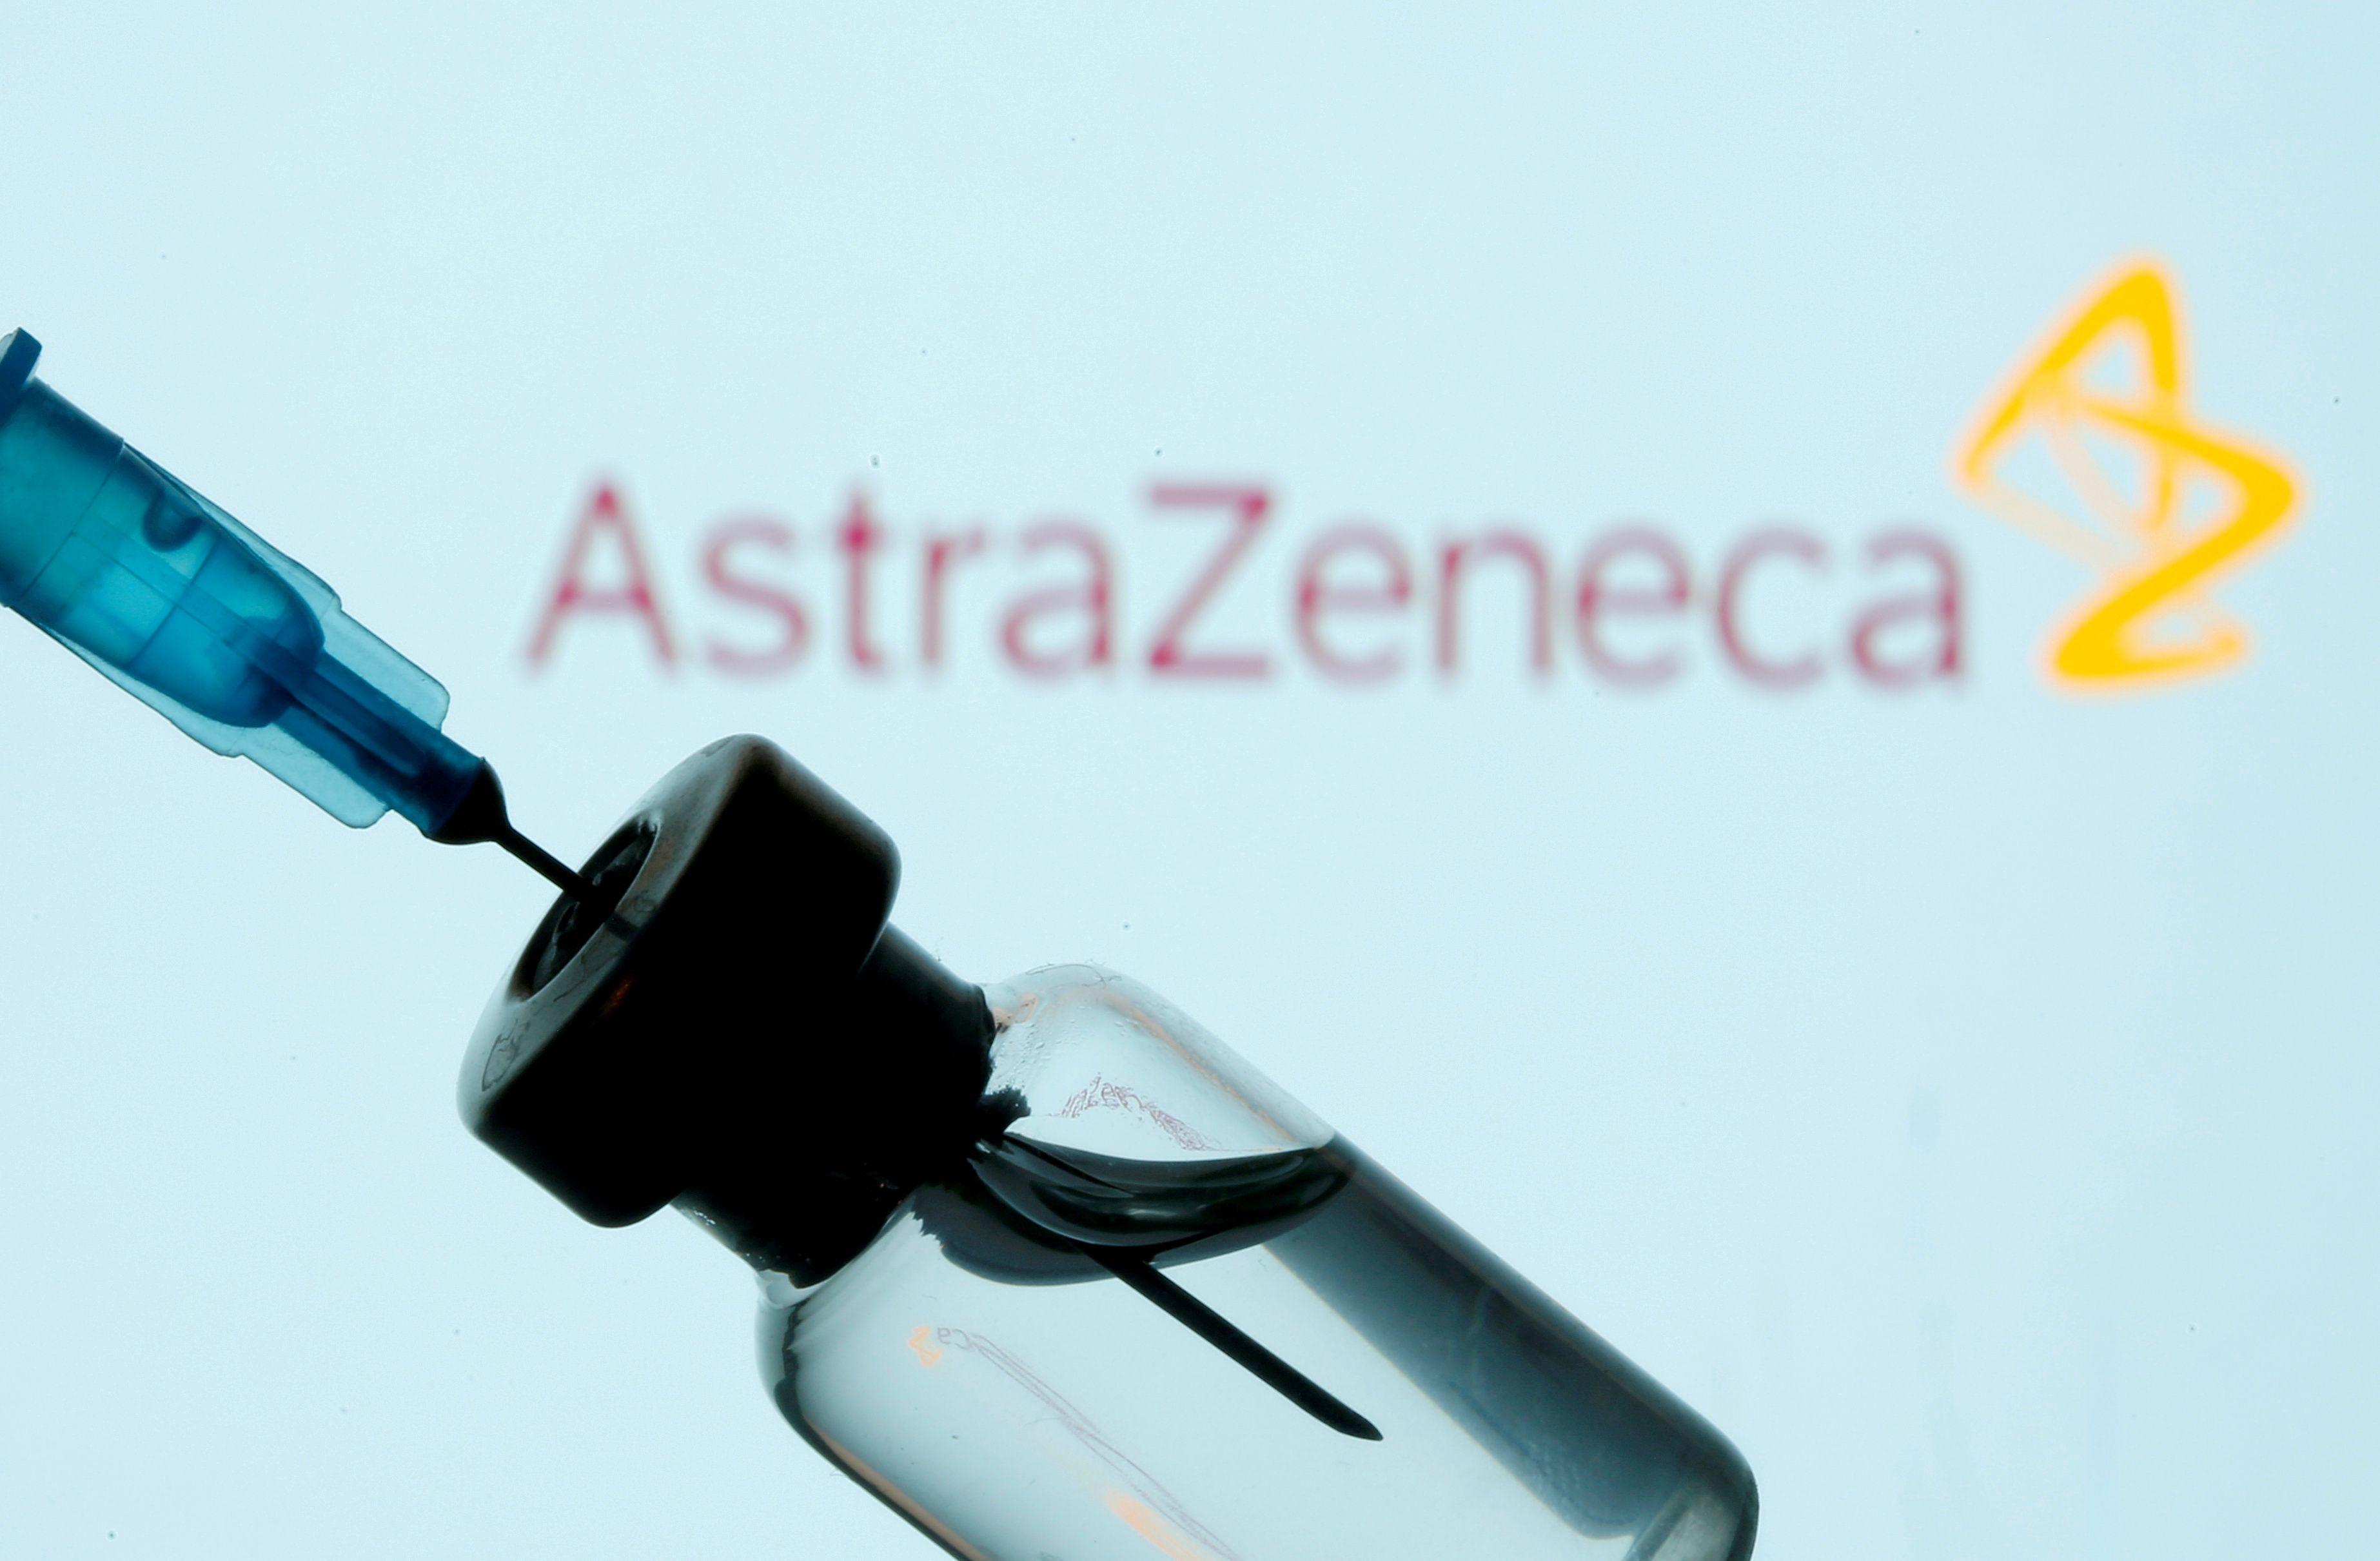 La vacuna de AstraZeneca es una de las que integran el programa COVAX y que llegarán a la Argentina - REUTERS/Dado Ruvic/Illustration//File Photo